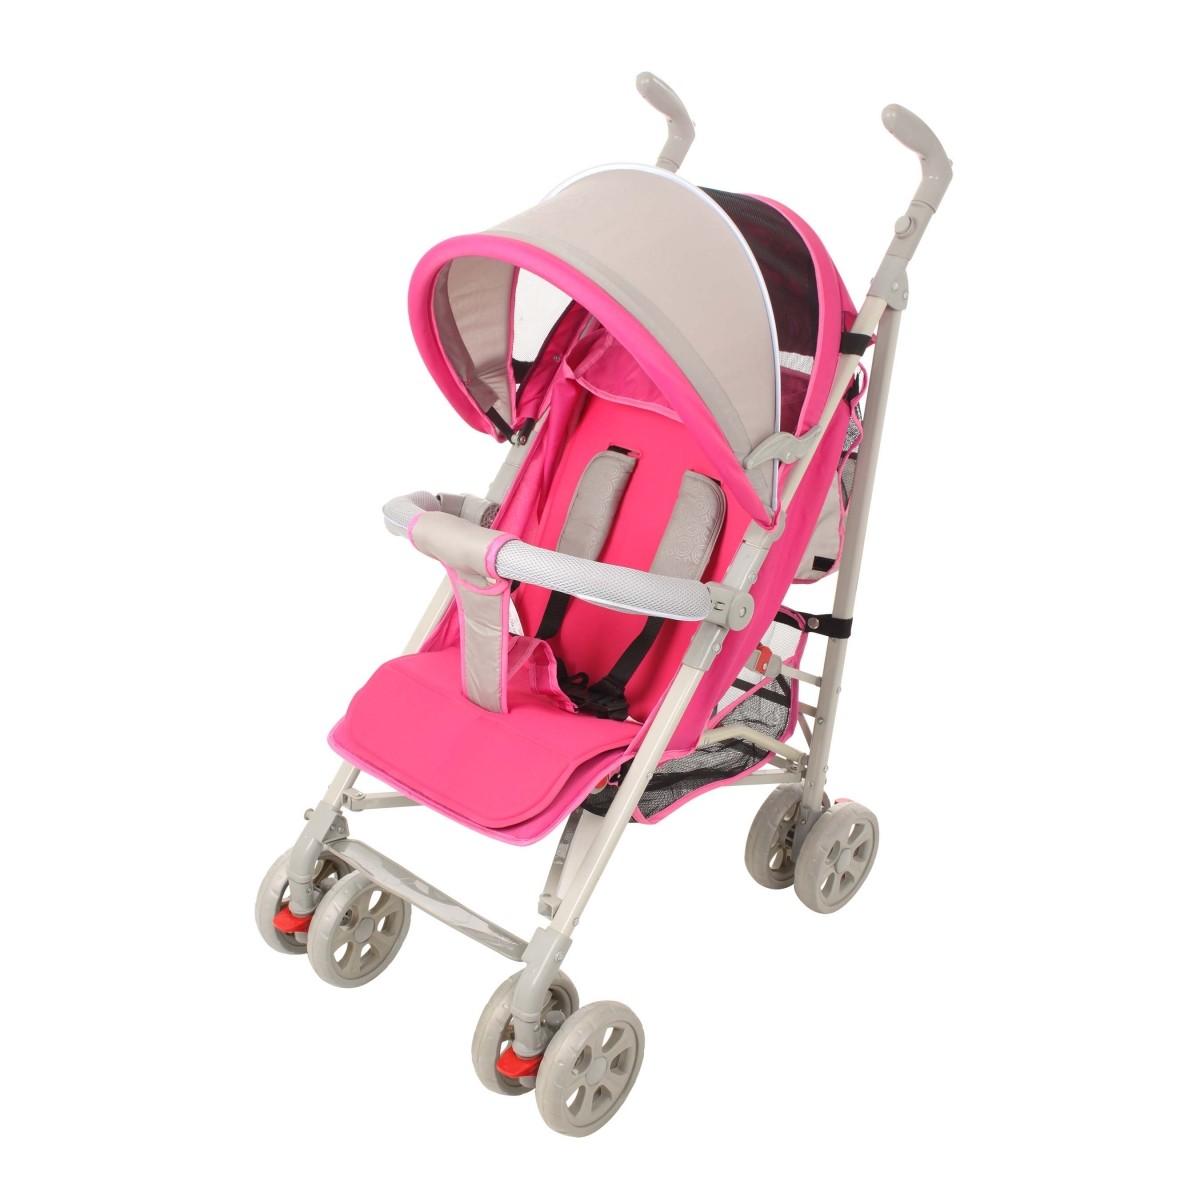 Carrinho De Bebê para Passeio New Single Rosa Dardara